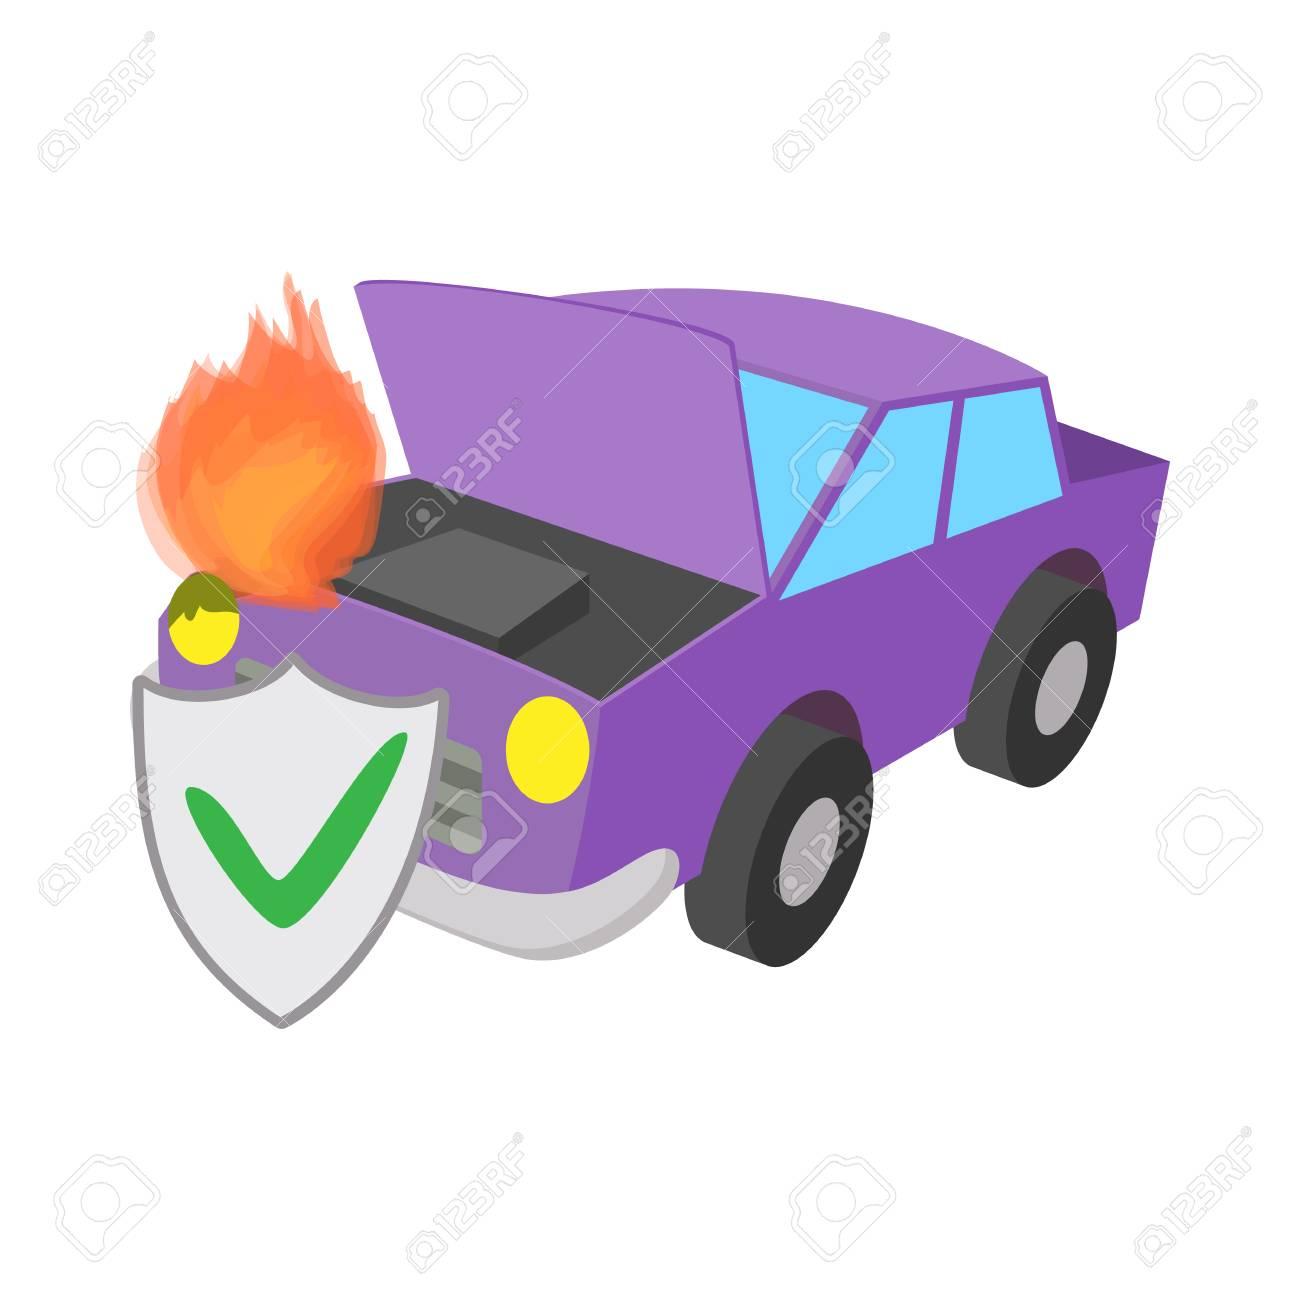 Auto Gefeuert Kfz Versicherung Symbol Im Cartoon Stil Auf Einem